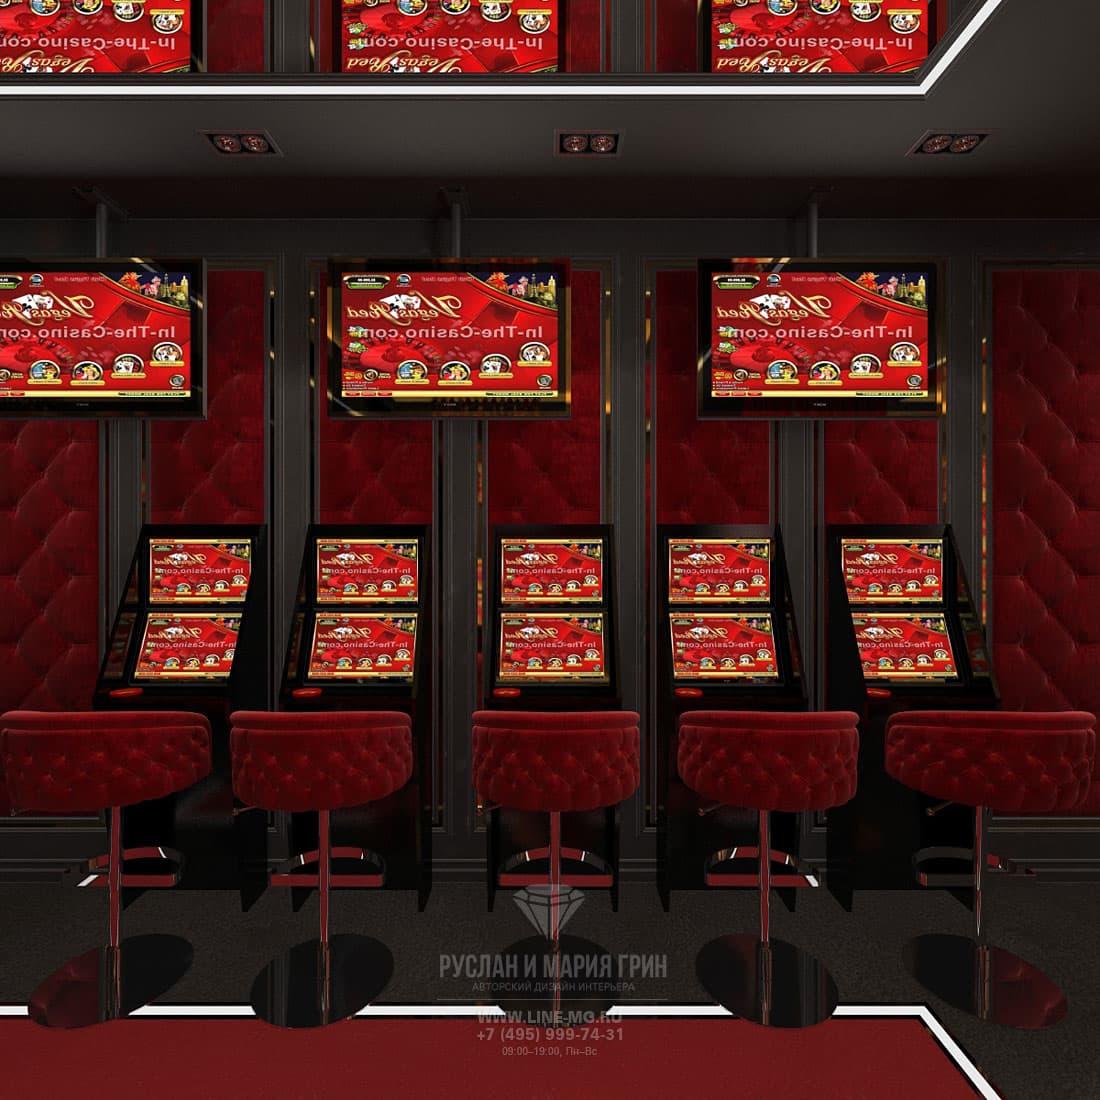 Играть в покер онлайн песплатно